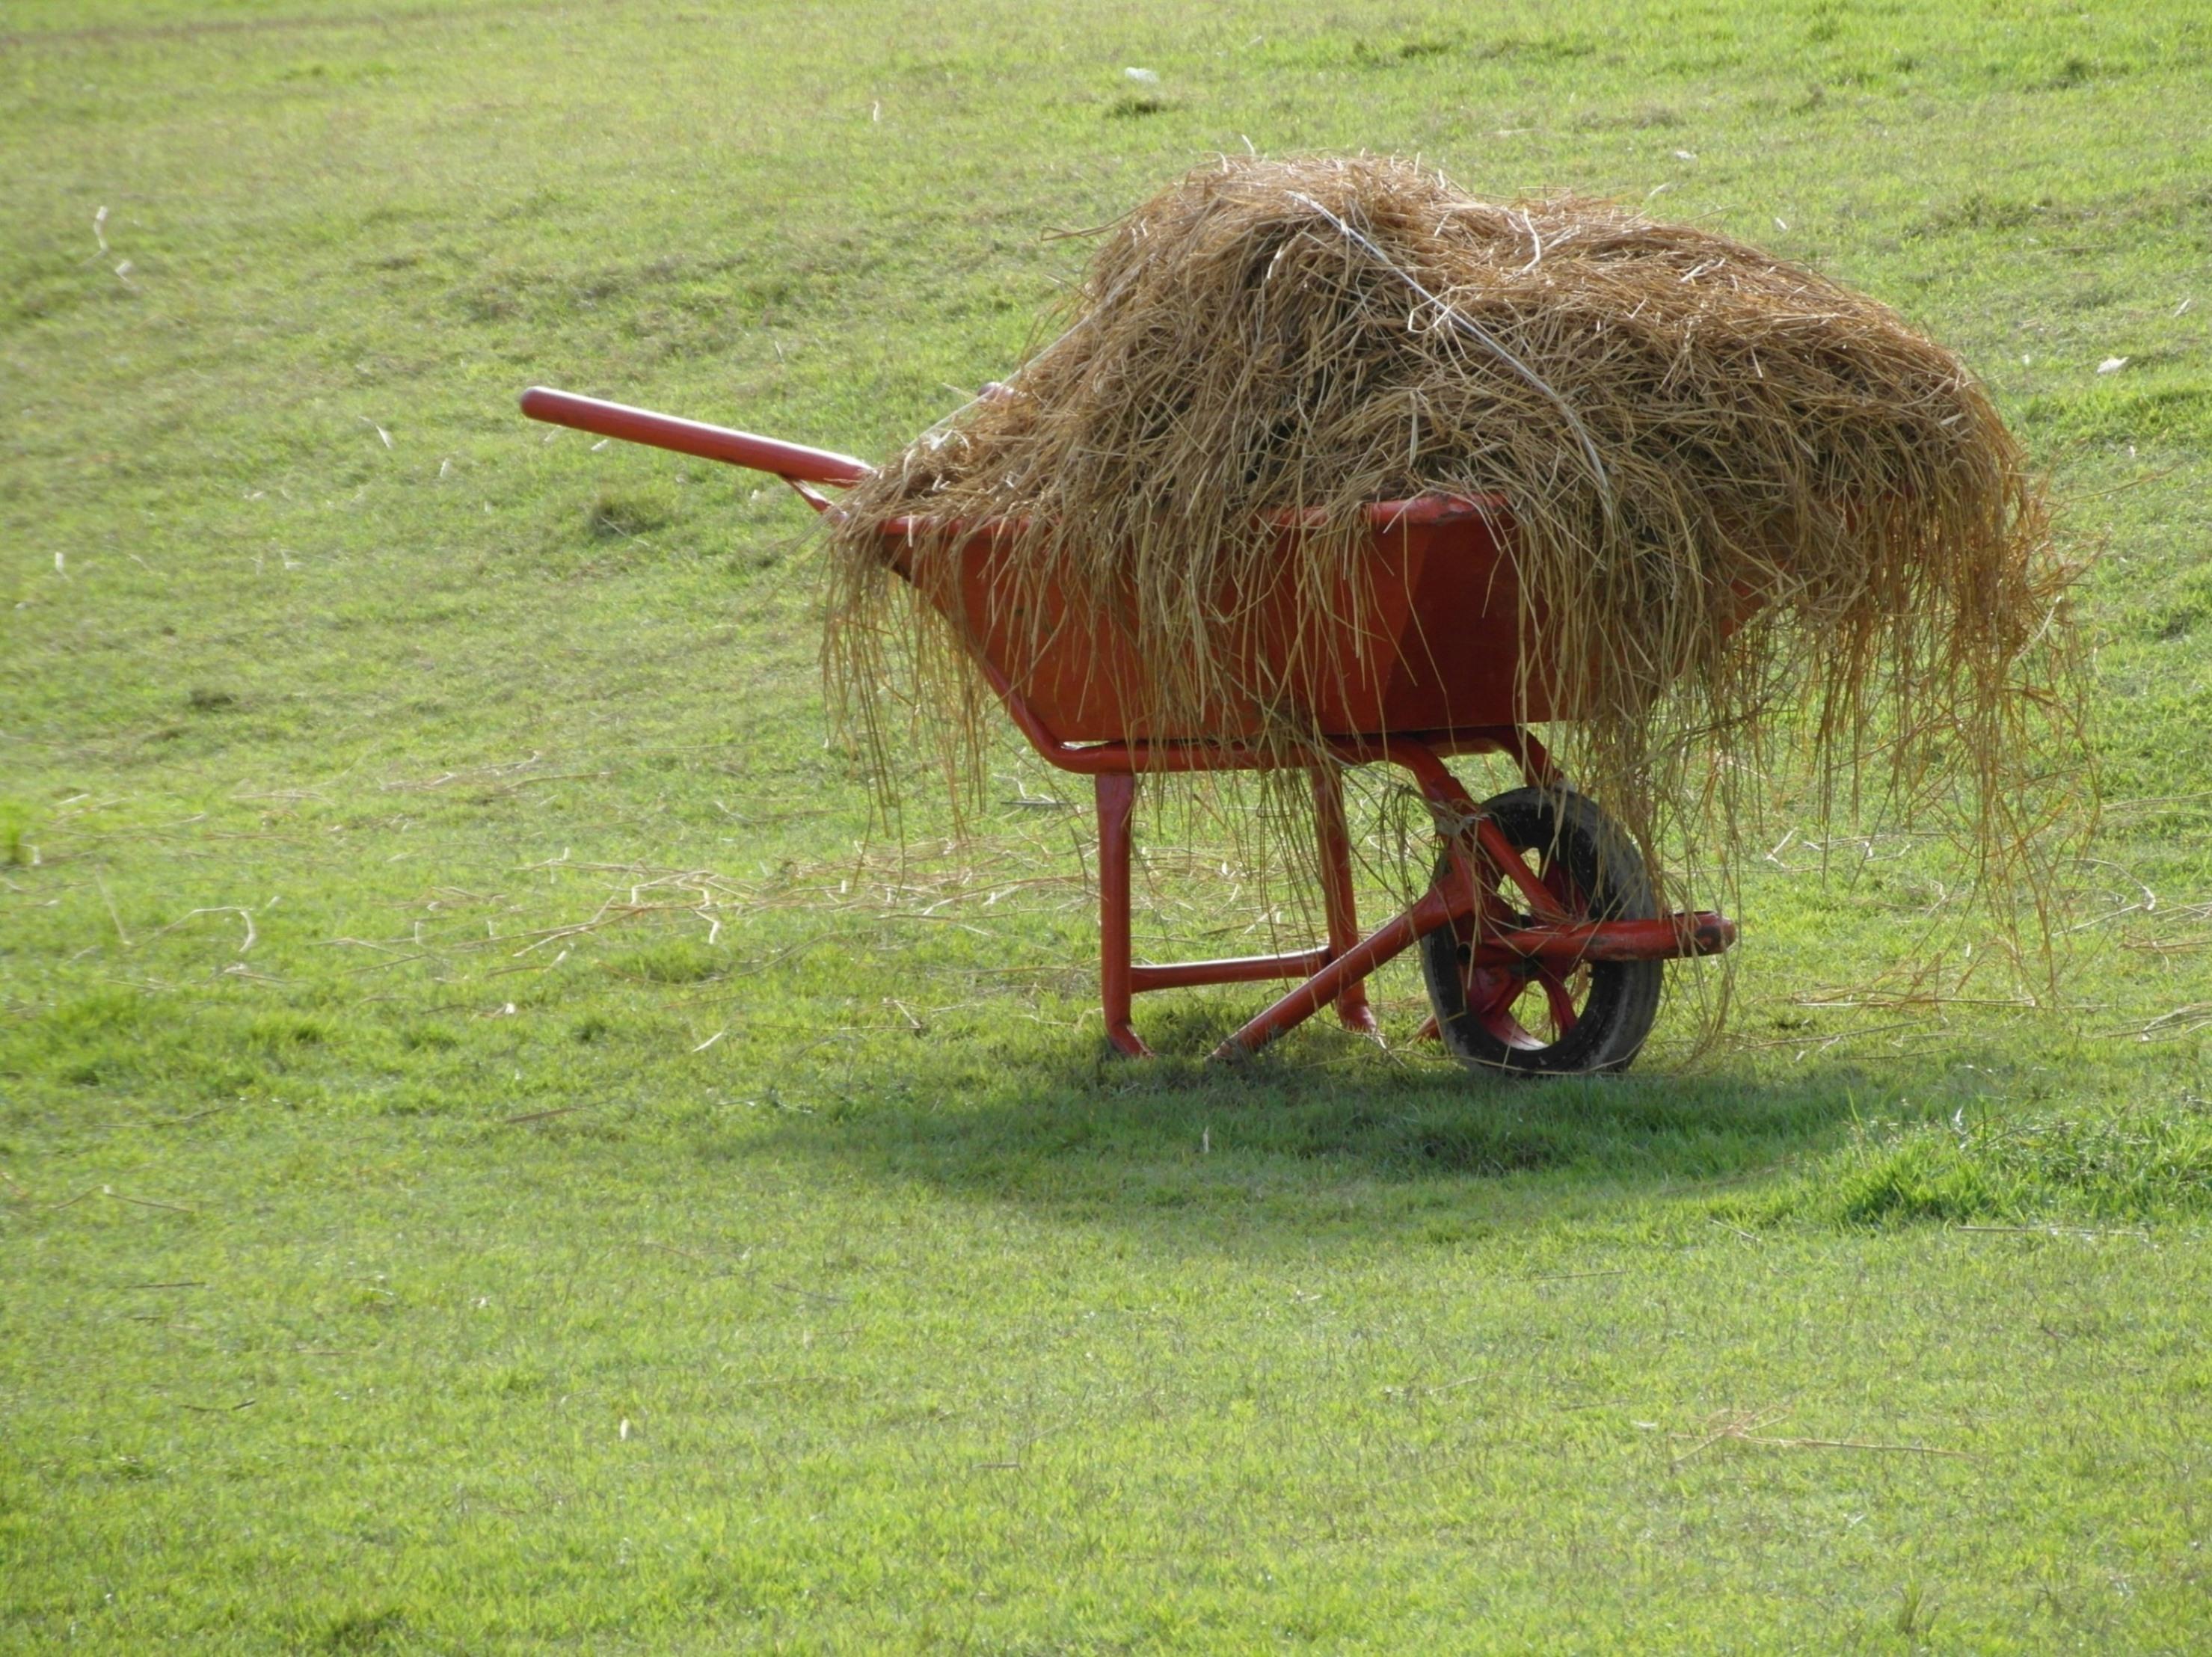 Wheelbarrow full of hay photo